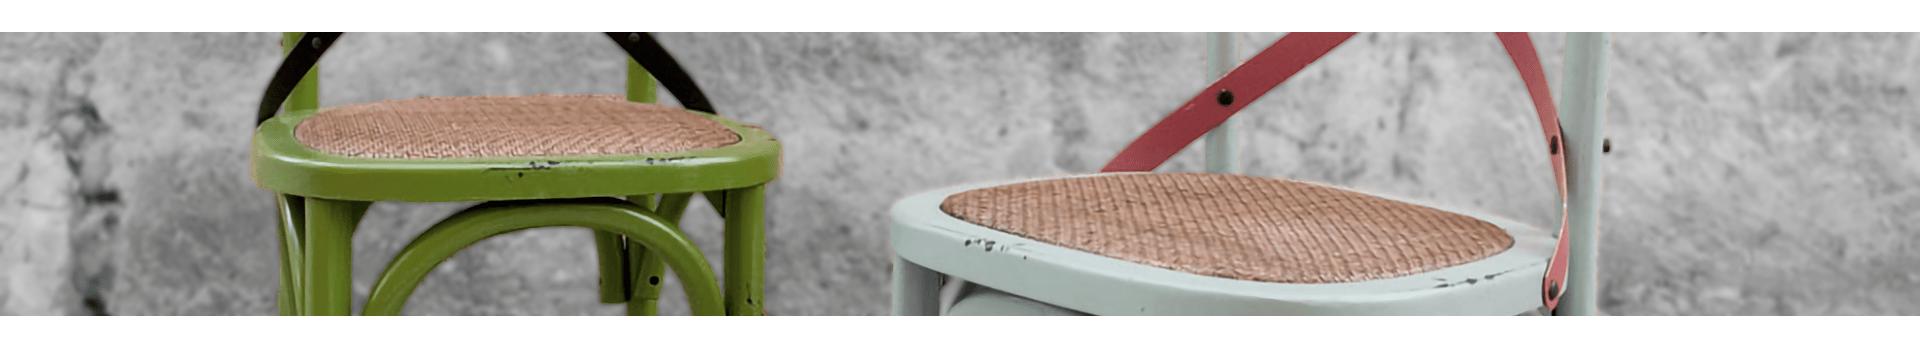 Sillas de Jardín y Terraza | Exterior | Mobelfy ®